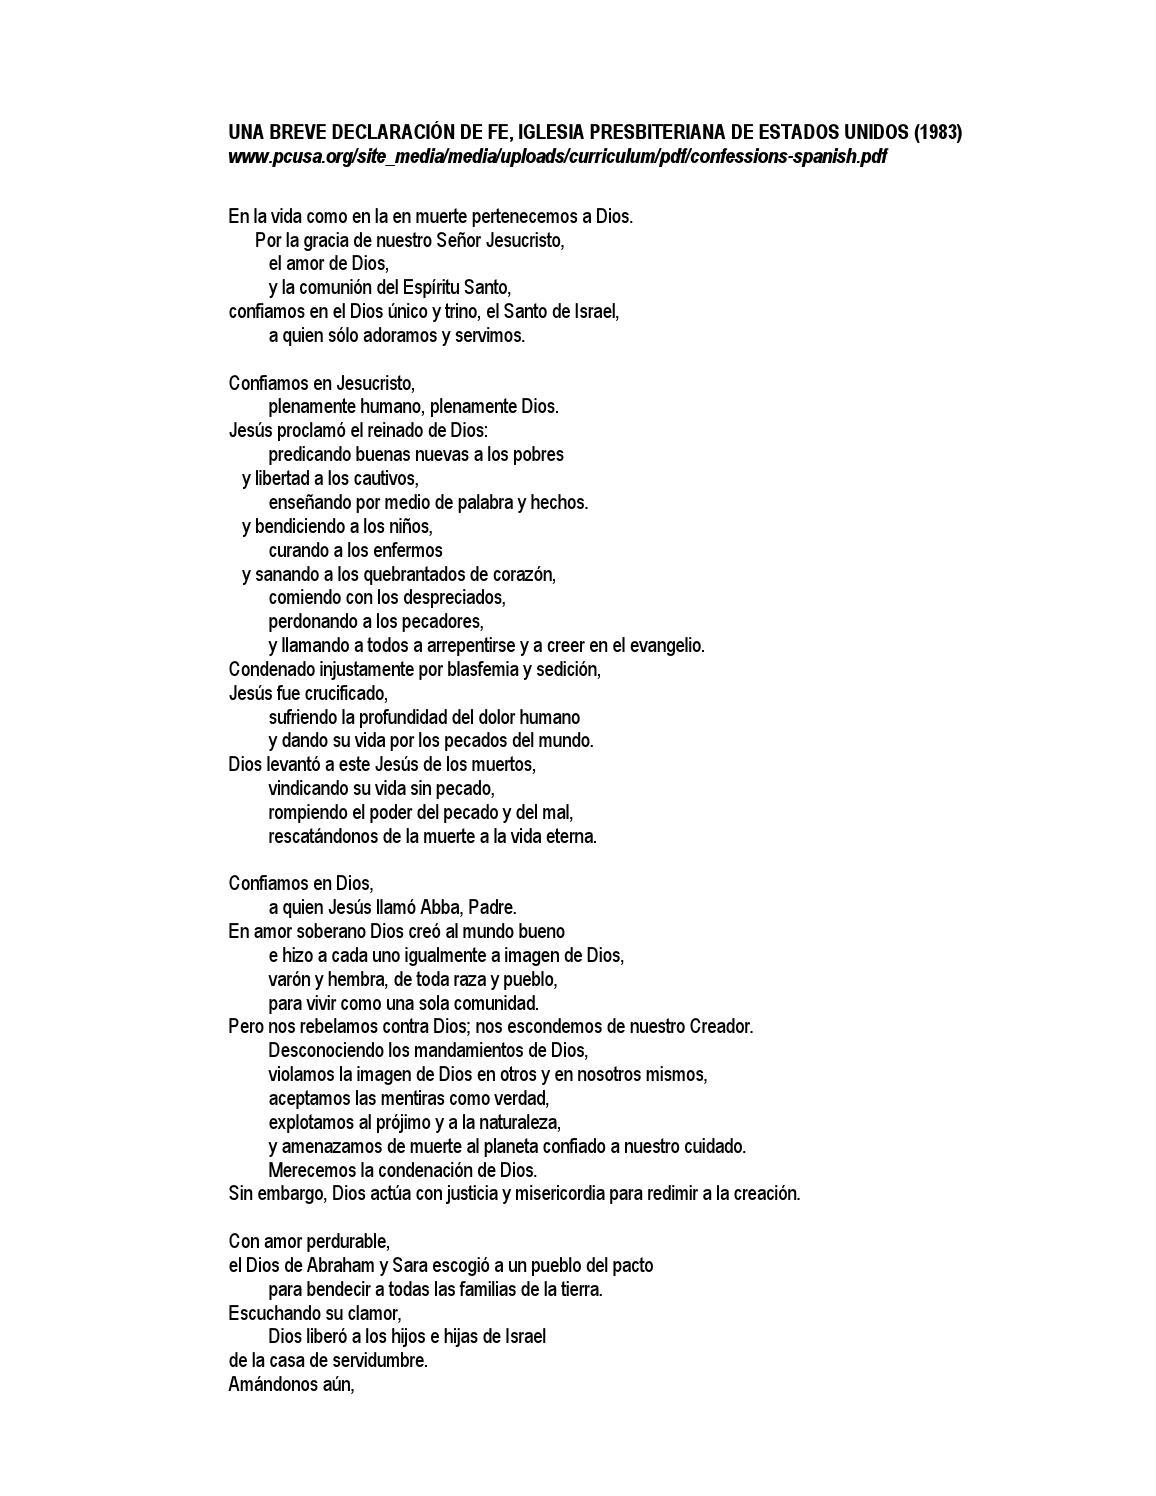 Breve Declaración de Fe, Iglesia Presbiteriana de Estados Unidos by ...